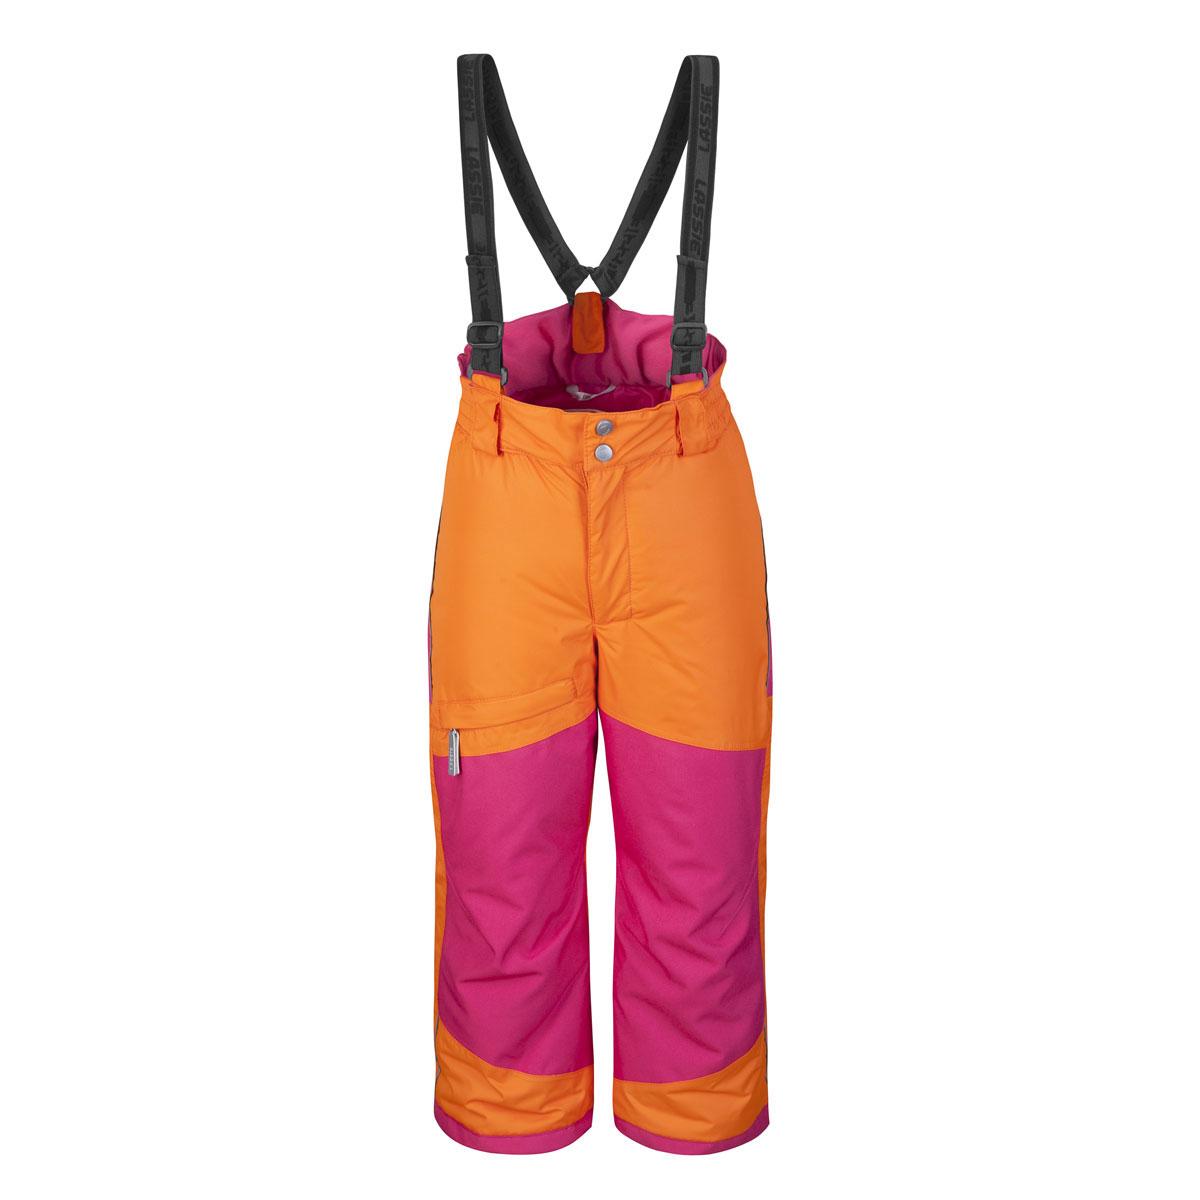 Брюки722510_2810Теплые детские брюки Lassie идеально подойдут для ребенка в холодное время года. Брюки изготовлены из водоотталкивающей и ветрозащитной мембранной ткани с утеплителем из синтепона. Материал отличается высокой устойчивостью к трению, благодаря специальной обработке полиуретаном поверхность изделия отталкивает грязь и воду, что облегчает поддержание аккуратного вида одежды, дышащее покрытие с изнаночной части не раздражает даже самую нежную и чувствительную кожу ребенка, обеспечивая ему наибольший комфорт. Брюки застегиваются на две кнопки и ширинку на застежке-молнии и имеют съемные эластичные наплечные лямки, регулируемые по длине. На талии предусмотрена широкая эластичная резинка, которая позволяет надежно заправить в них водолазку или свитер. Имеются шлевки для ремня. Спереди модель дополнена прорезным кармашком на застежке-молнии. Снизу брючин предусмотрены внутренние манжеты с прорезиненными полосками, препятствующие попадание мусора в обувь и не дающие брюкам ползти...